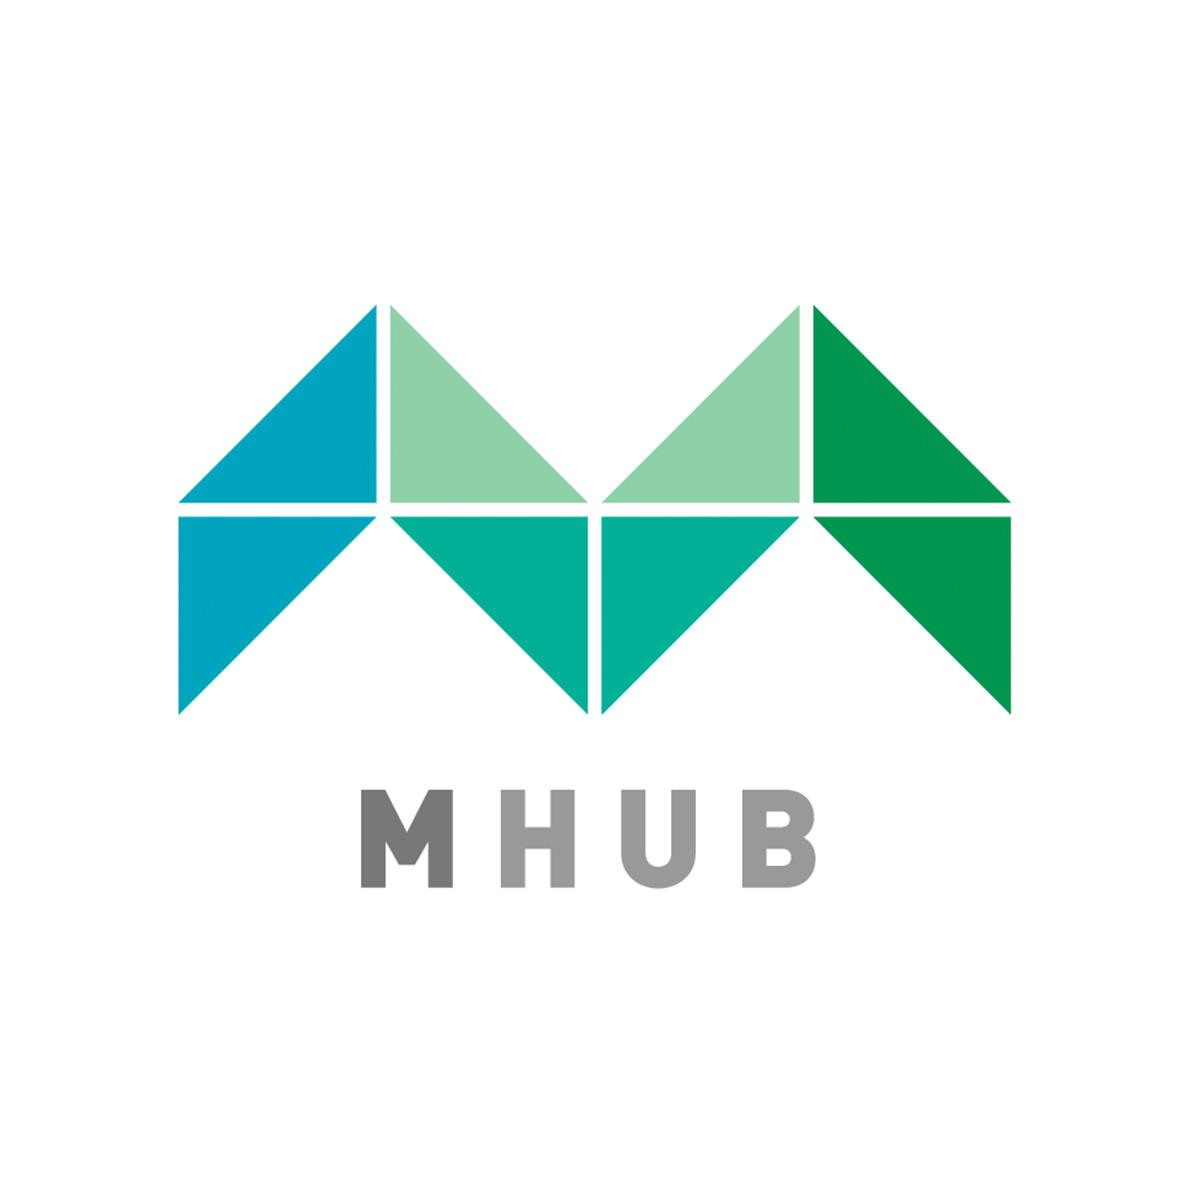 mhub logo.jpg